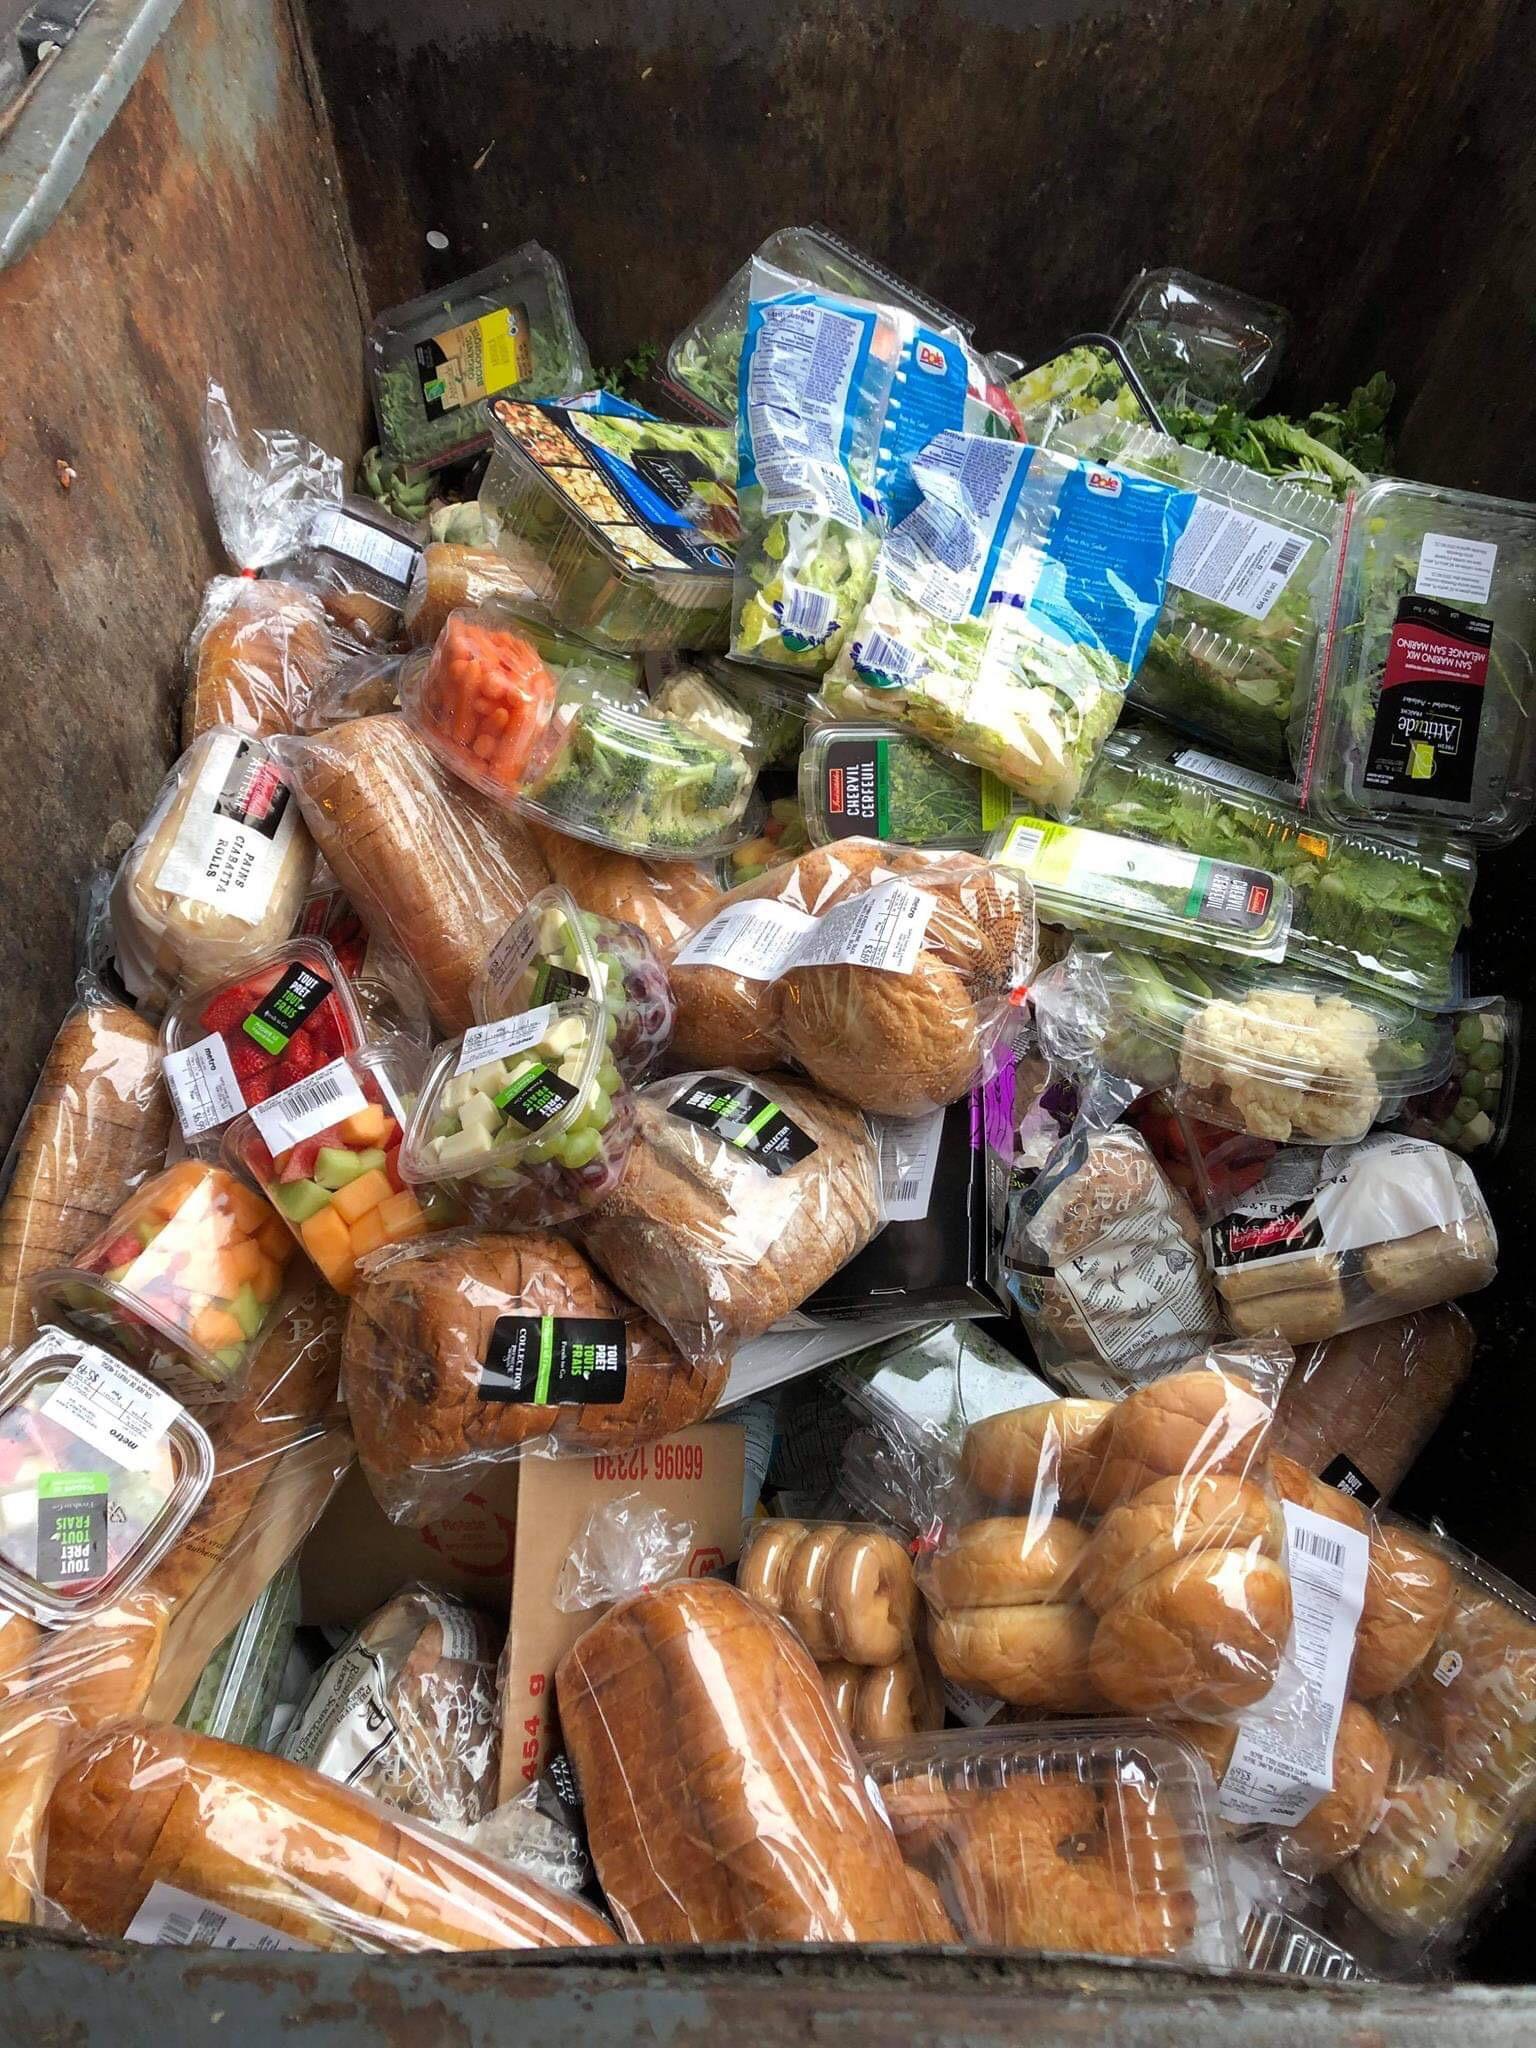 Lãng phí khi kinh doanh quản lý bán hàng siêu thị, tạp hóa